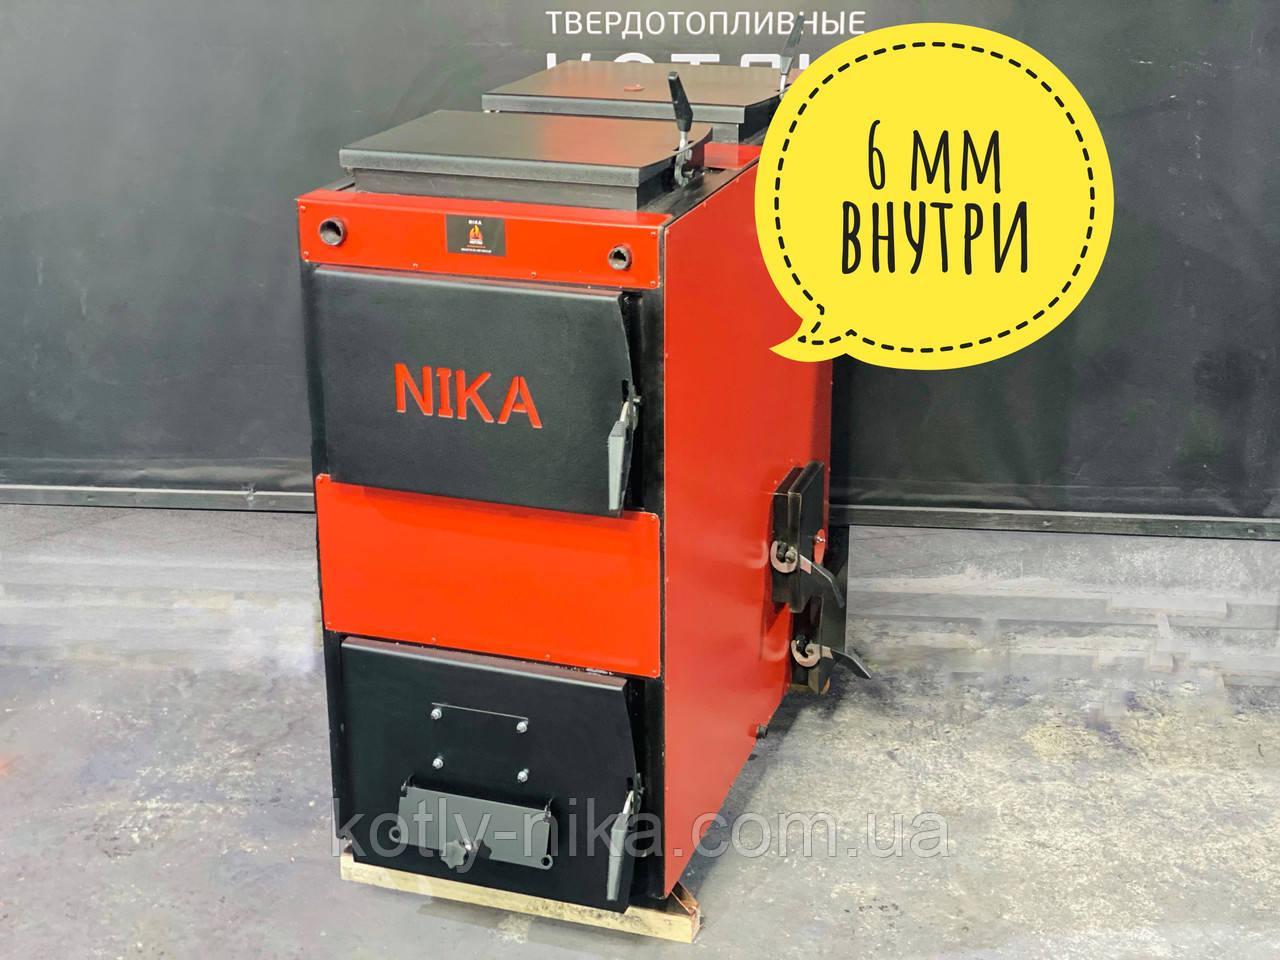 Котел Питон Универсальный 10 кВт МЕТАЛЛ 6 мм